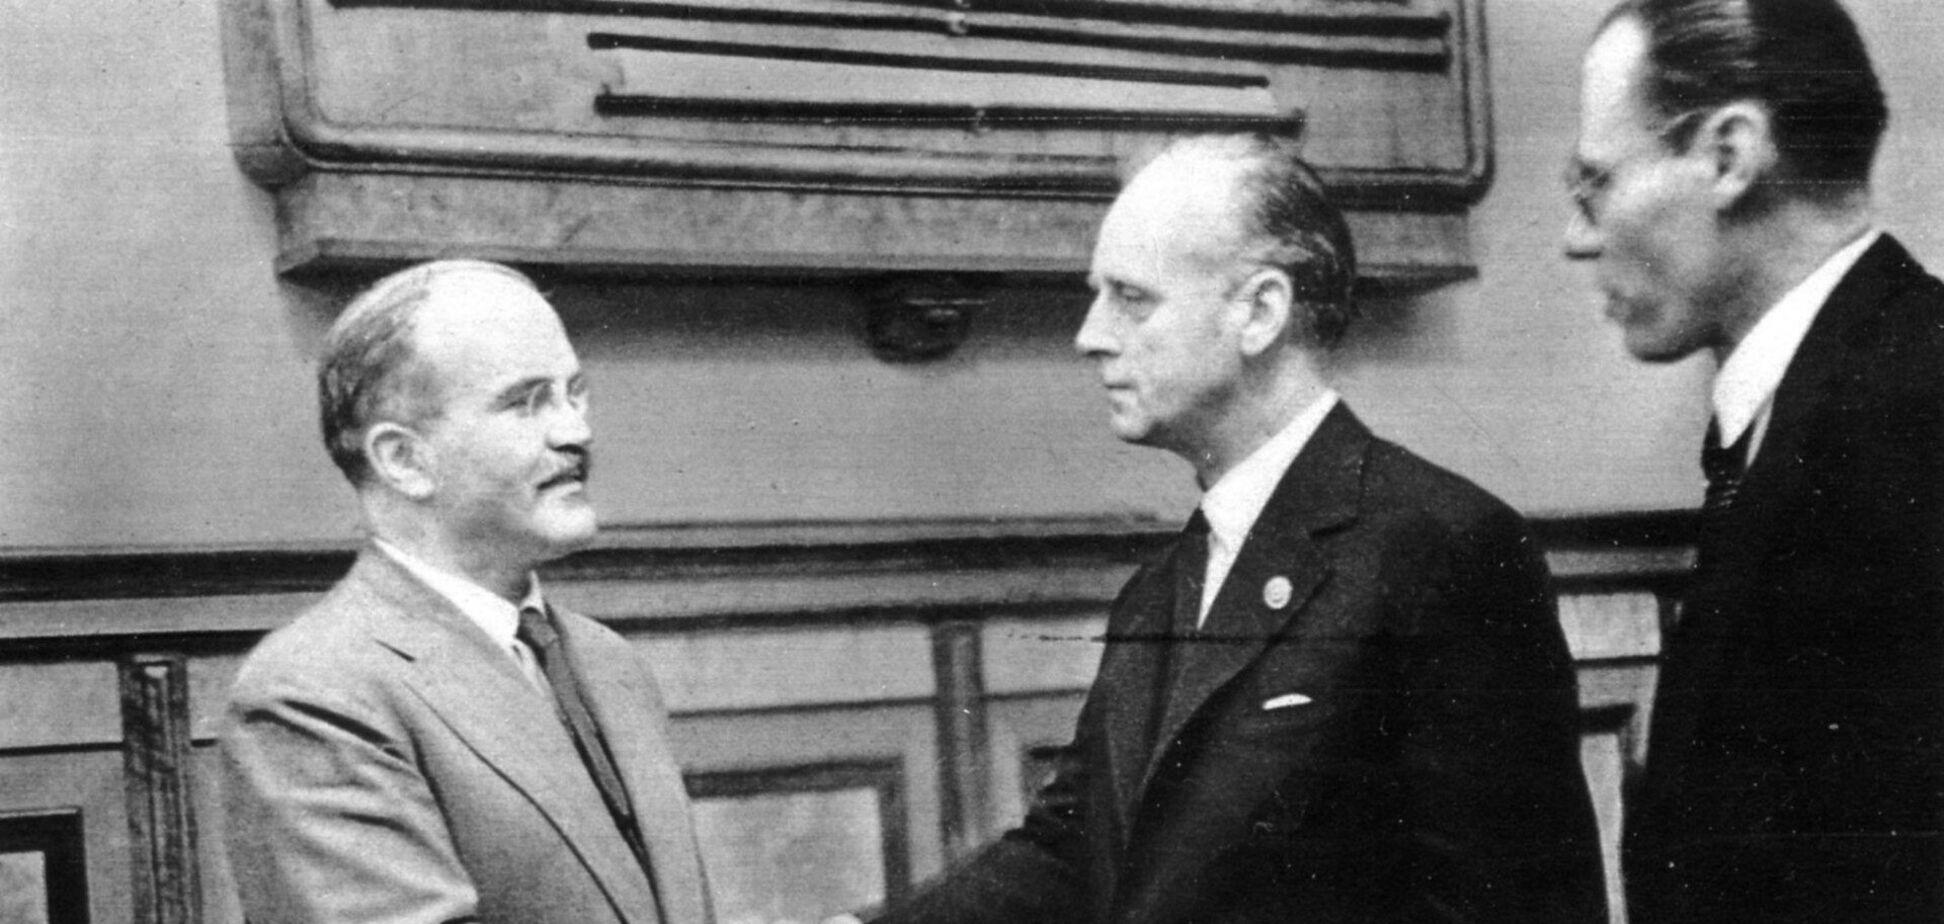 82 роки тому був підписаний пакт Молотова-Ріббентропа. Маловідомі факти про документ